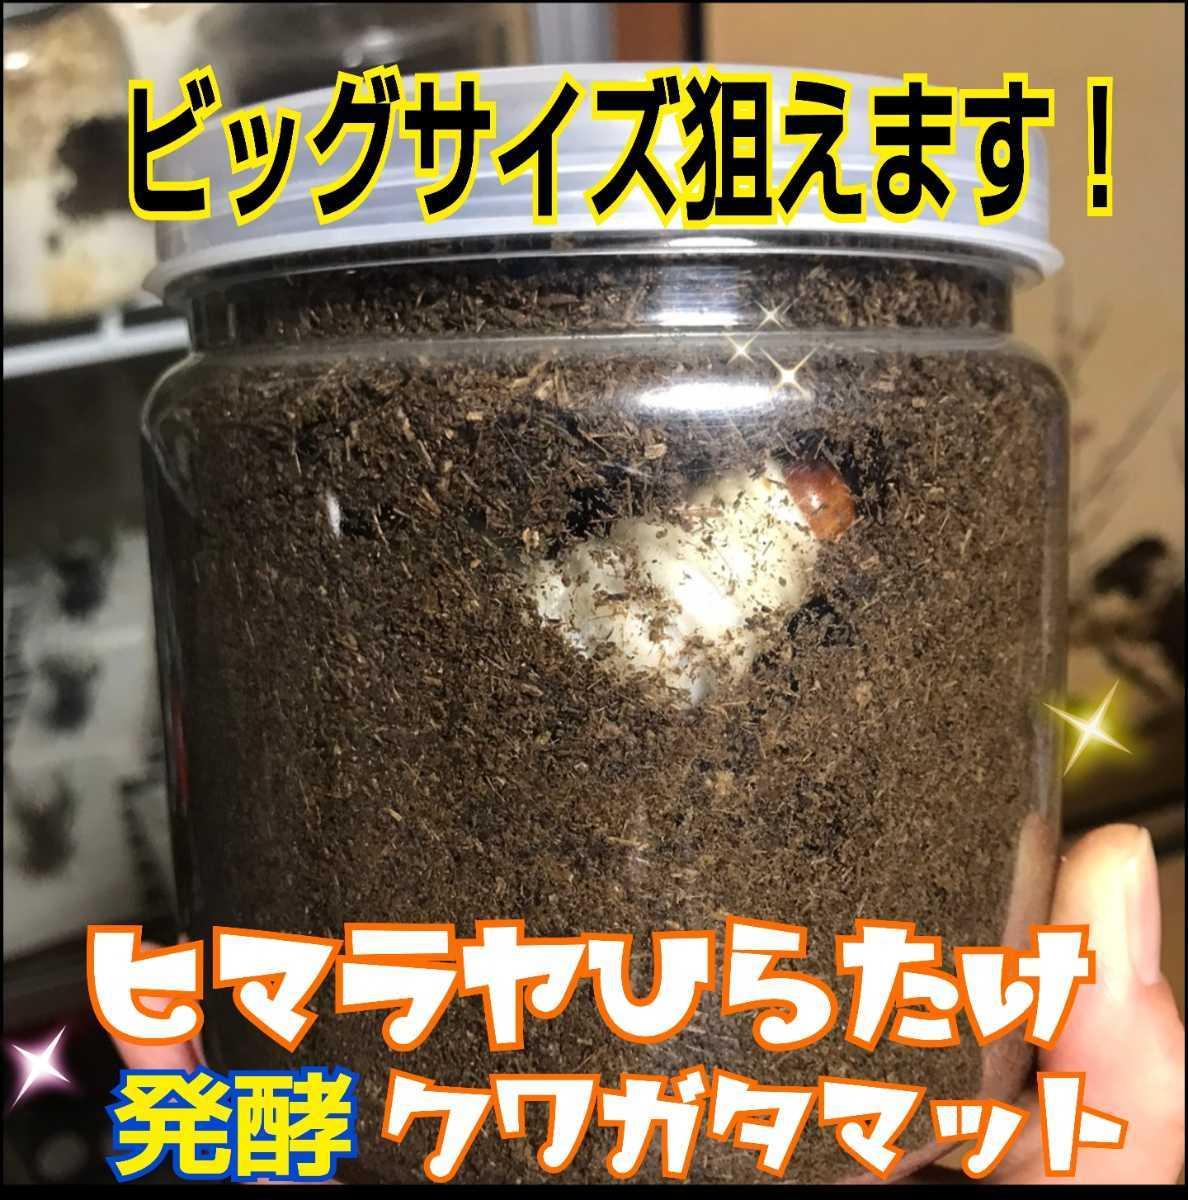 ヘラクレスもビッグサイズになります!ヒマラヤひらたけ菌床発酵カブトムシマット!栄養価抜群!クヌギ100%原料 幼虫の餌、産卵マットに!_画像9